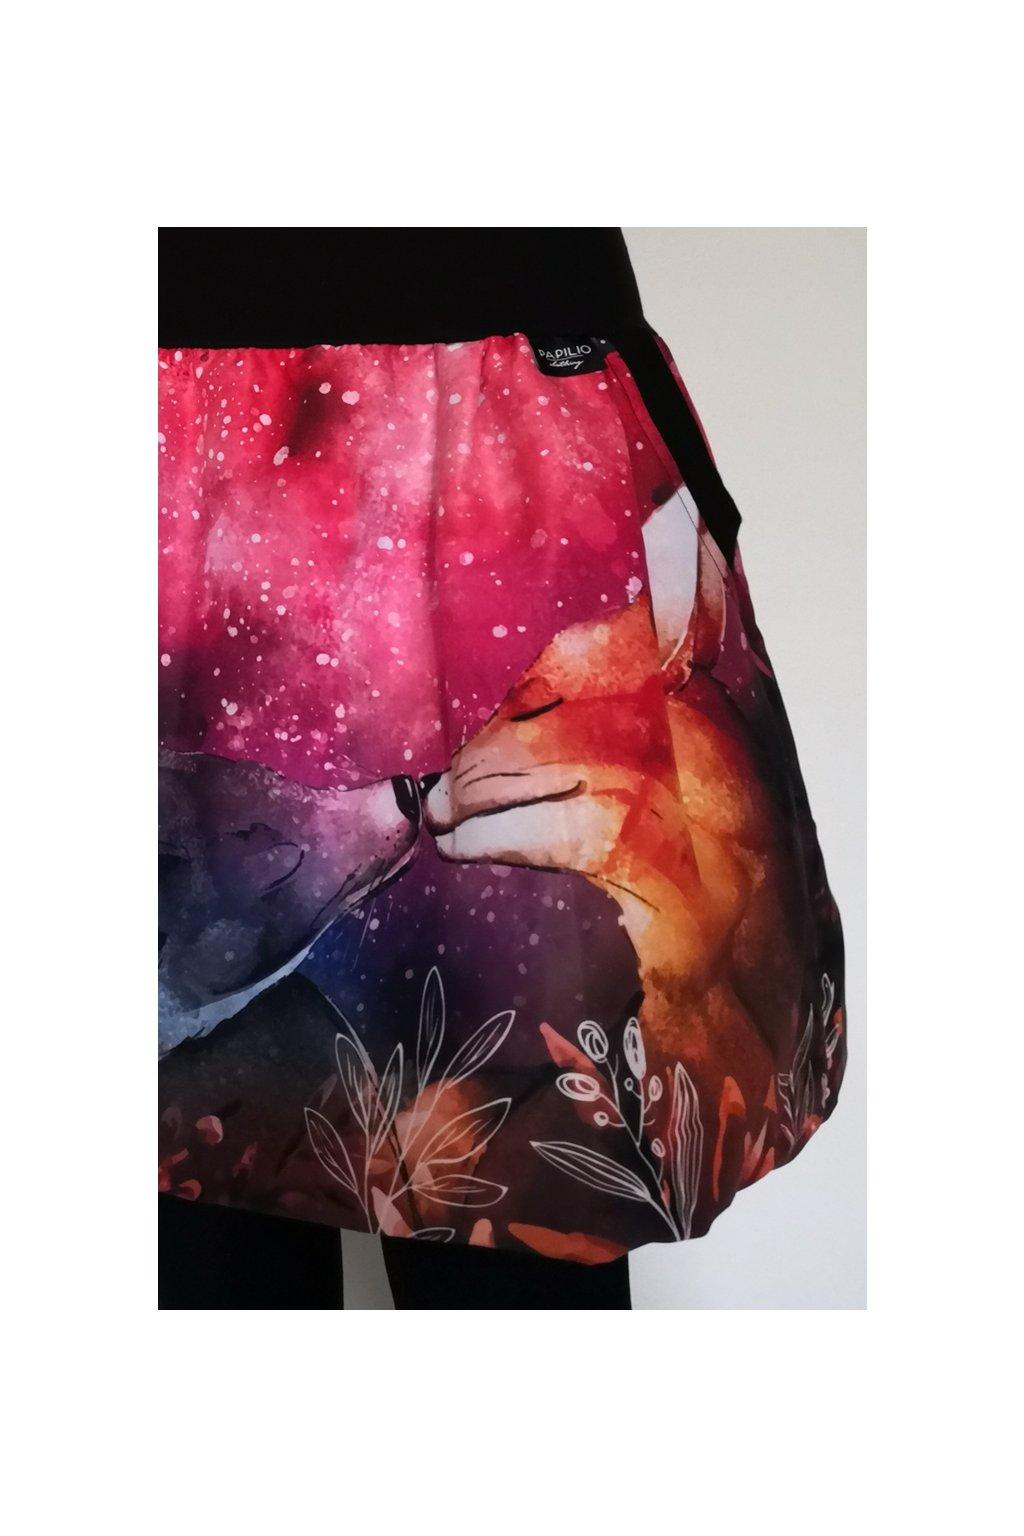 Balonová sukně Liščí polibek, podzimní | plátno